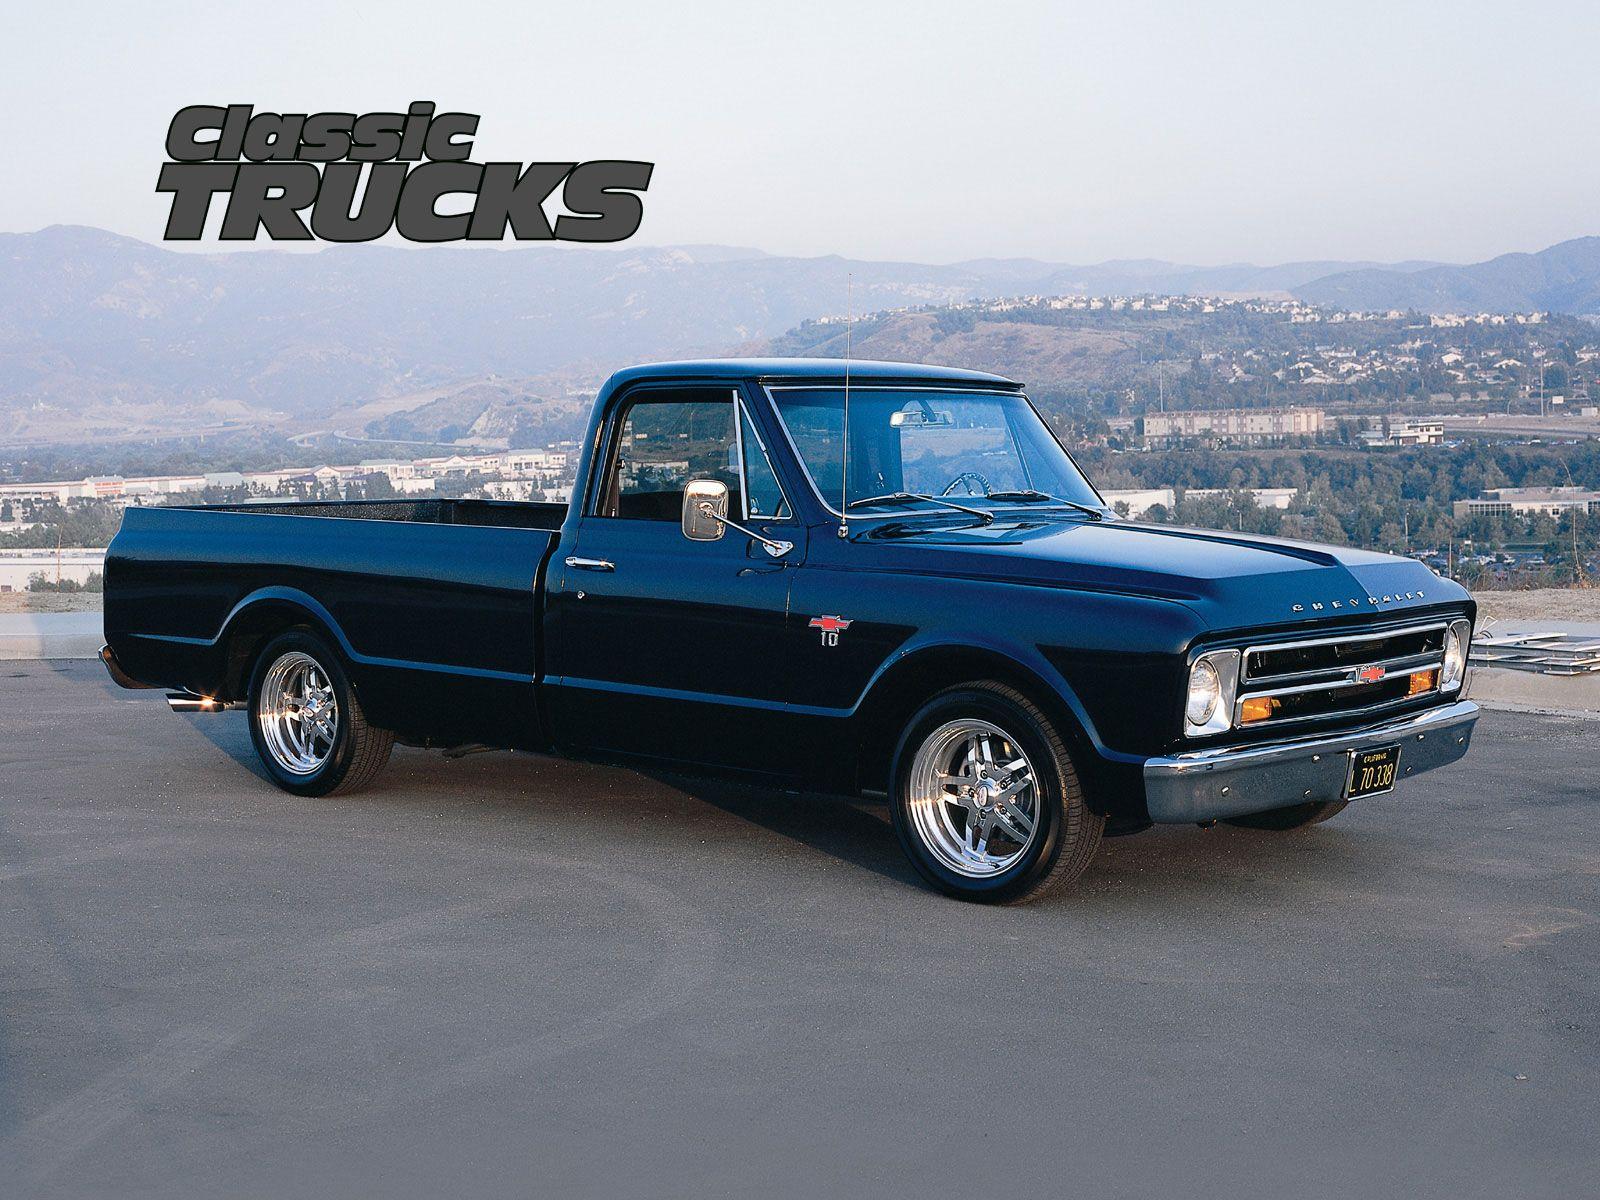 Old Pickup Classic Trucks 1600x1200